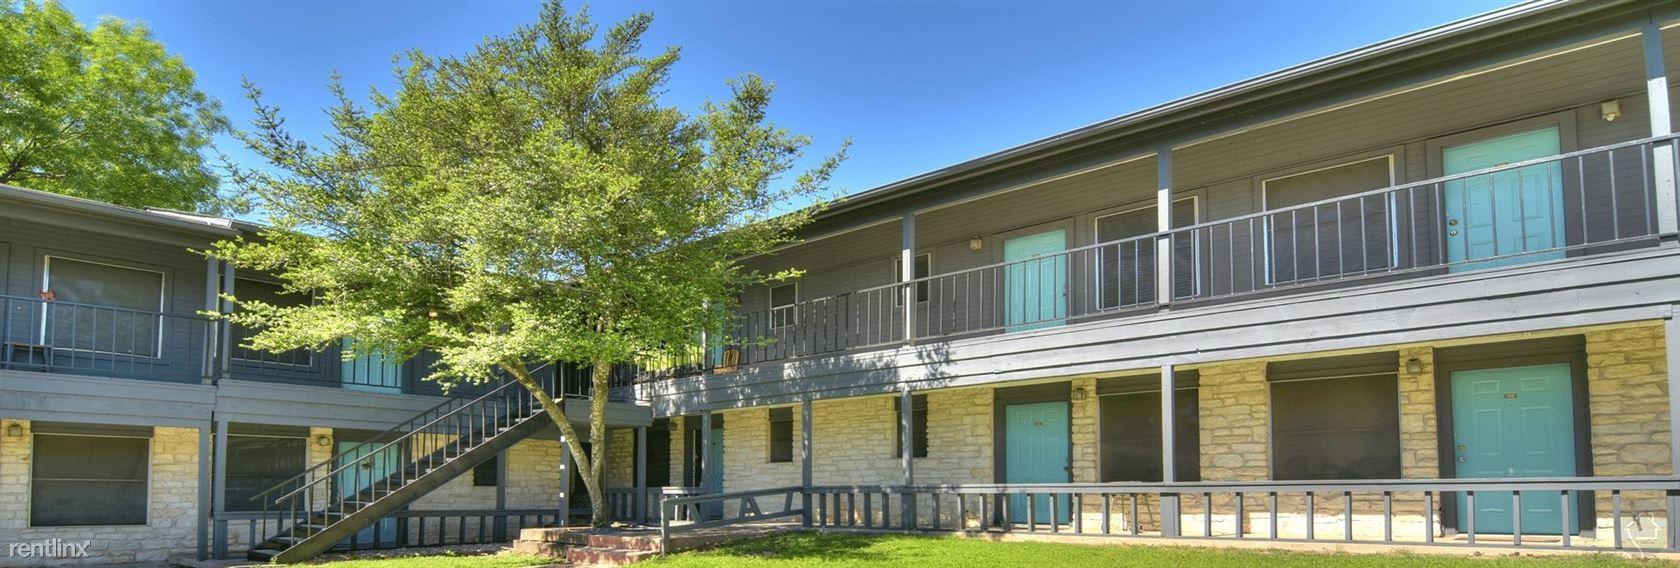 1308 McKie Dr, Austin, TX - 749 USD/ month